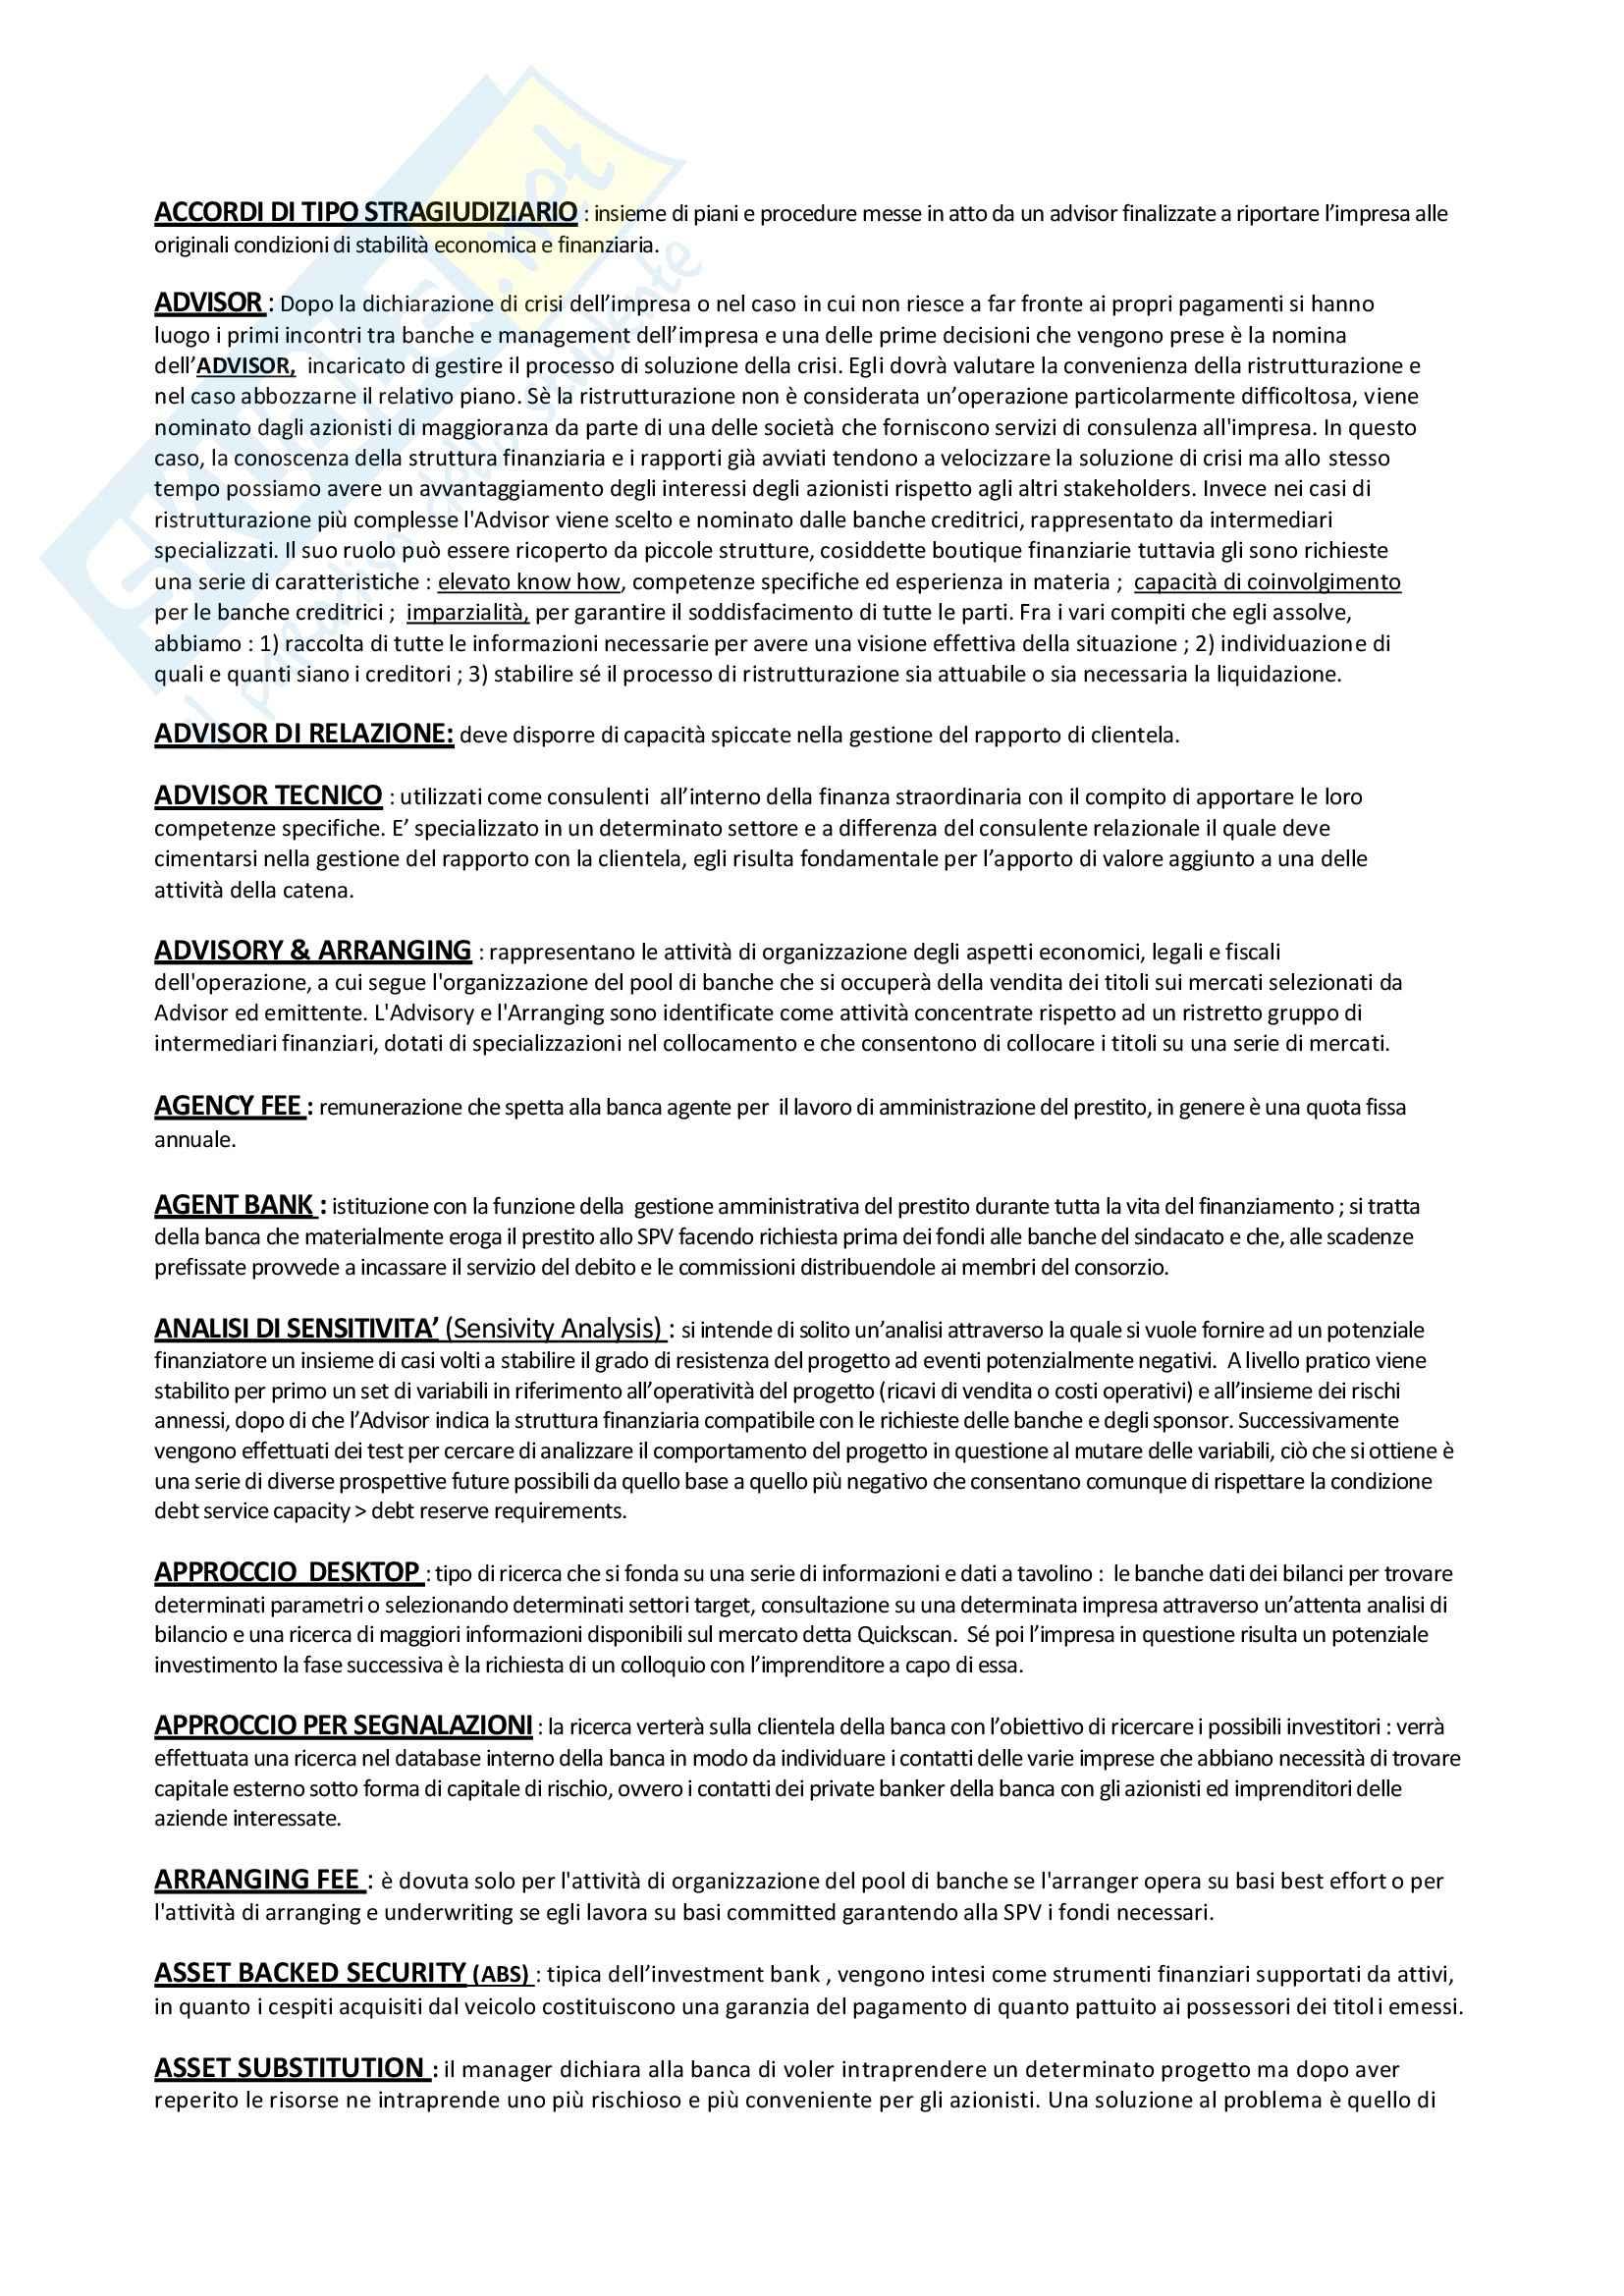 Economia degli intermediari finanziari - Glossario